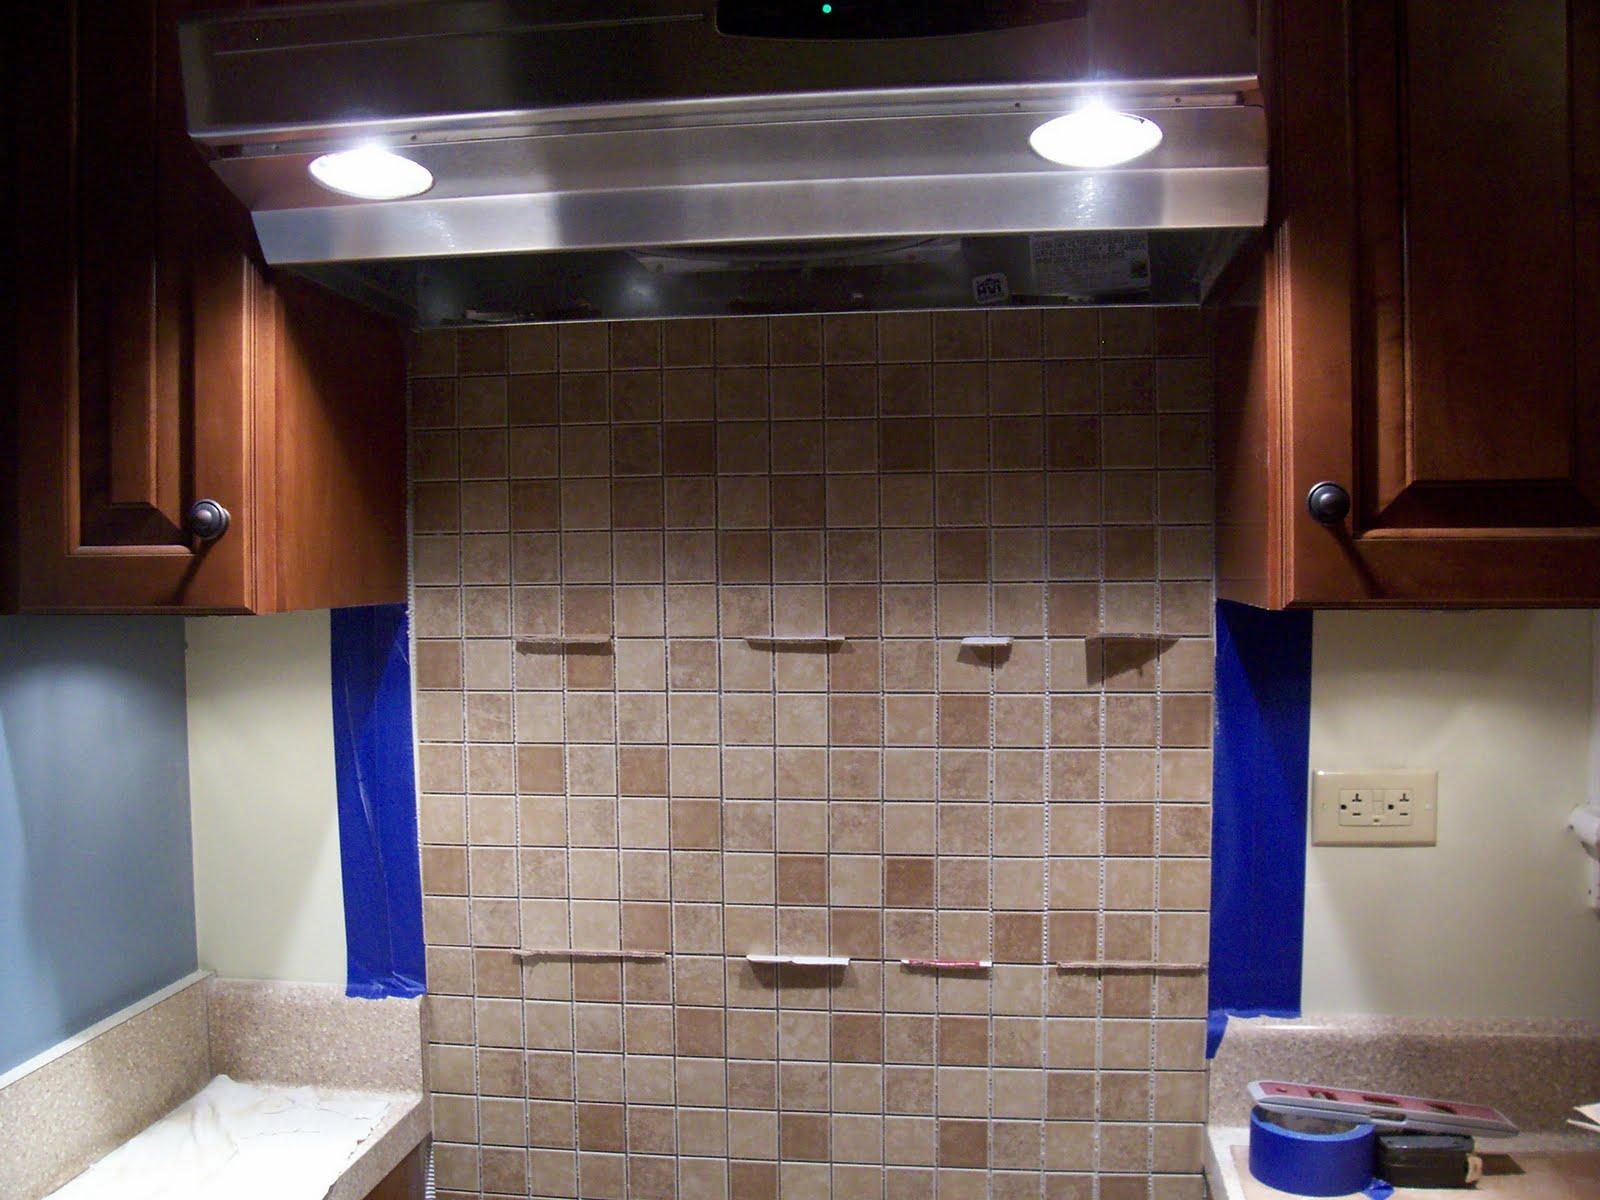 88caprice backsplash tile and grout no kidding